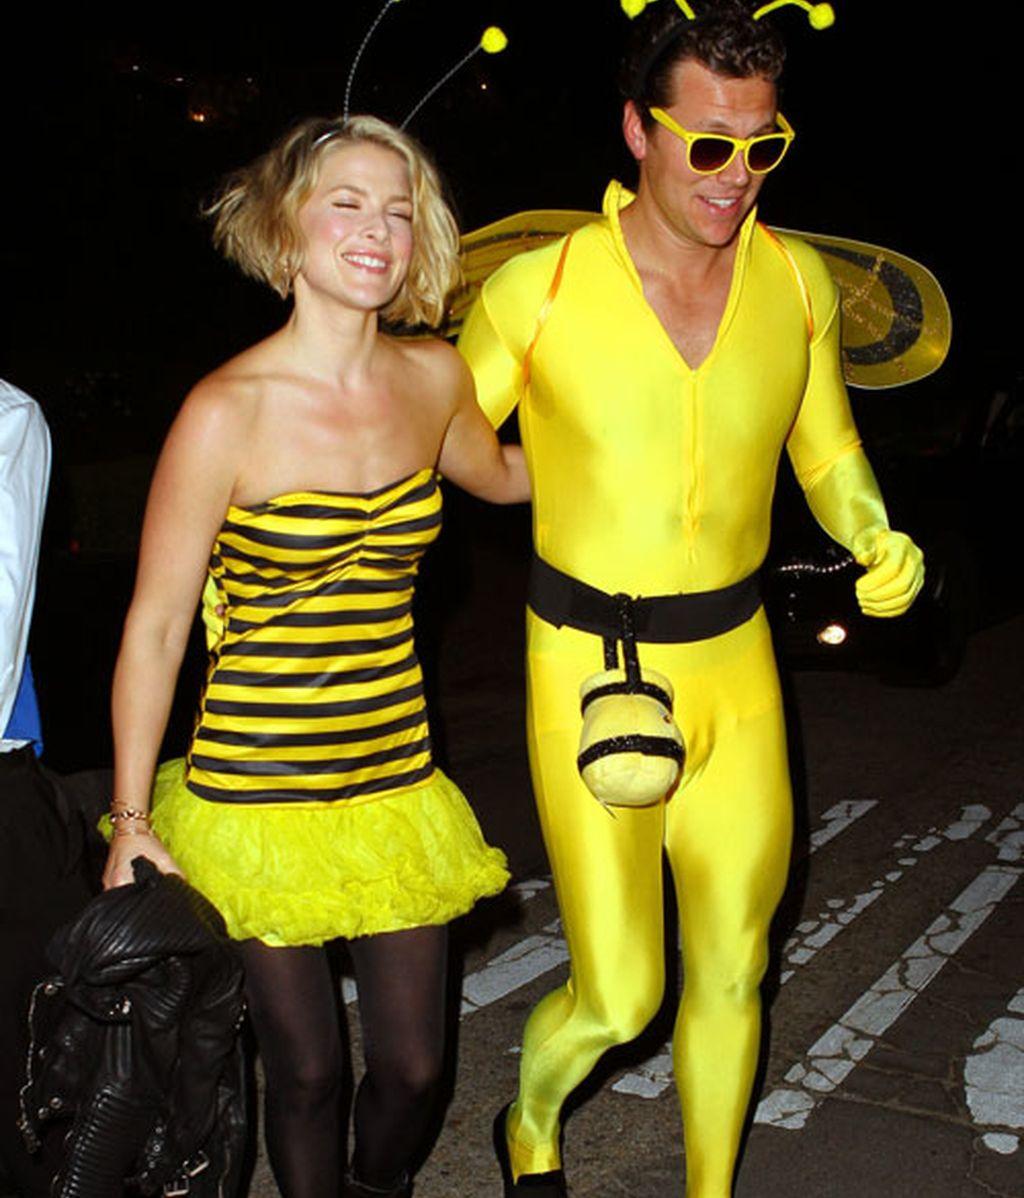 Caperucitas, abejas, cenicientas y mucho músculo